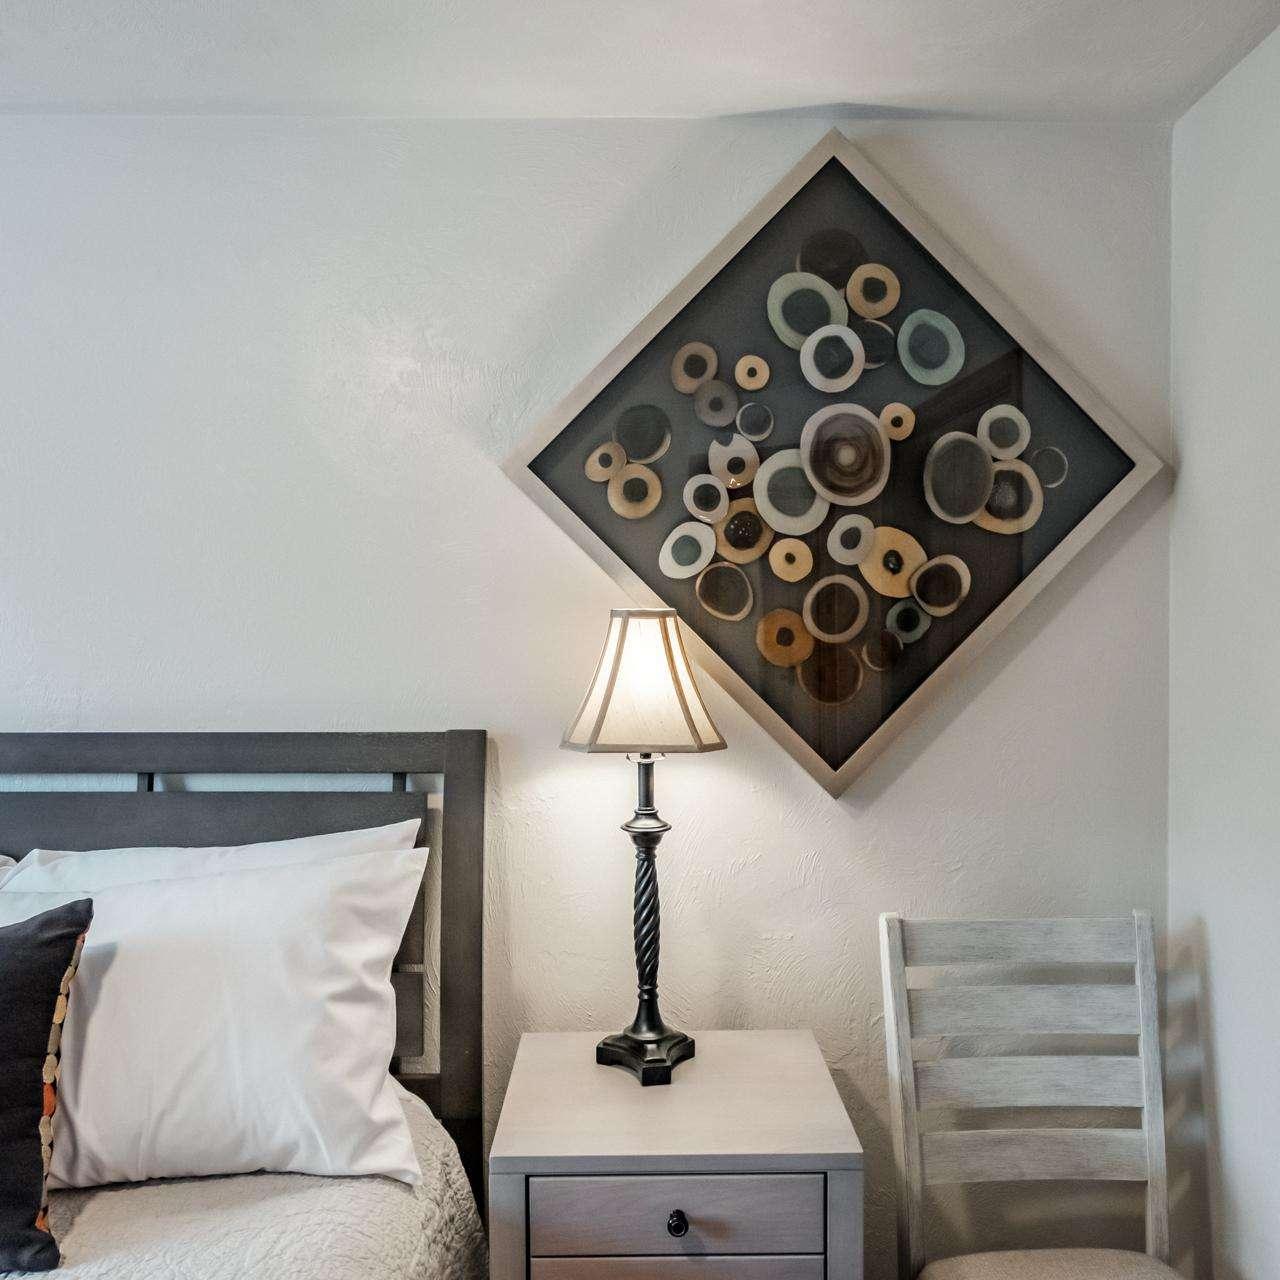 Bedroom 2 - Fun art